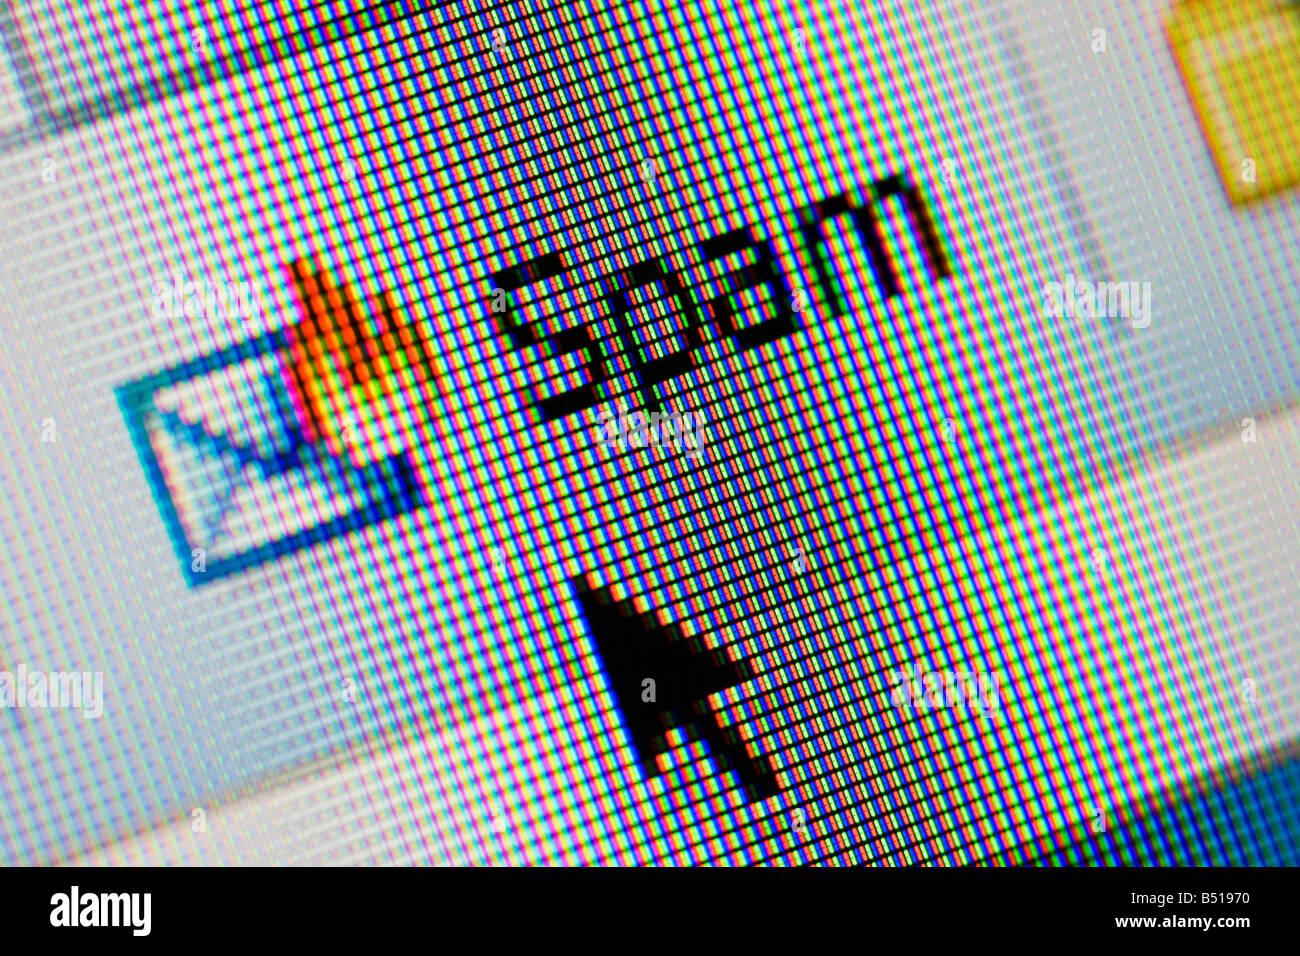 Spam filter on internet email webiste - Stock Image